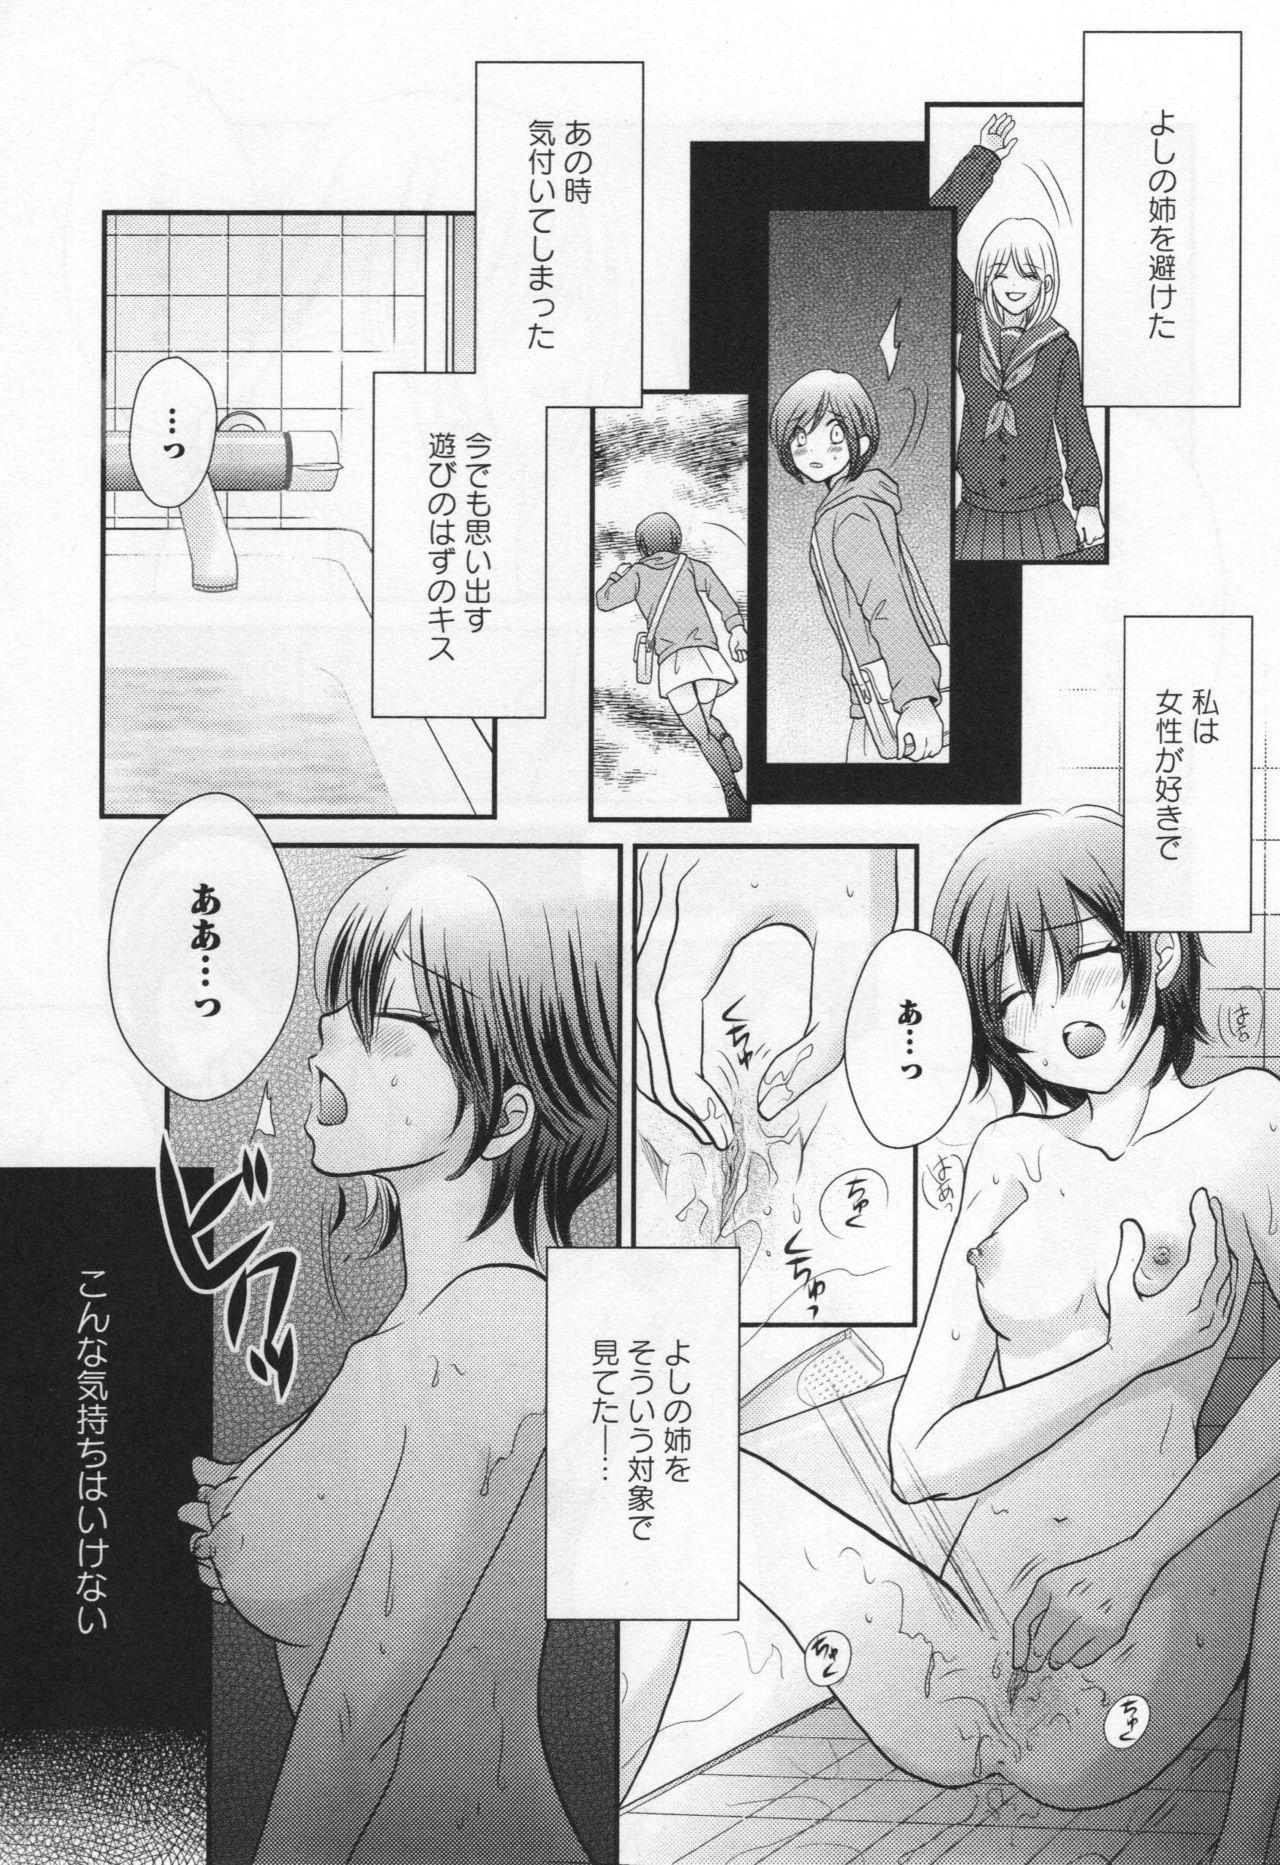 [Anthology] L -Ladies & Girls Love- 05 46